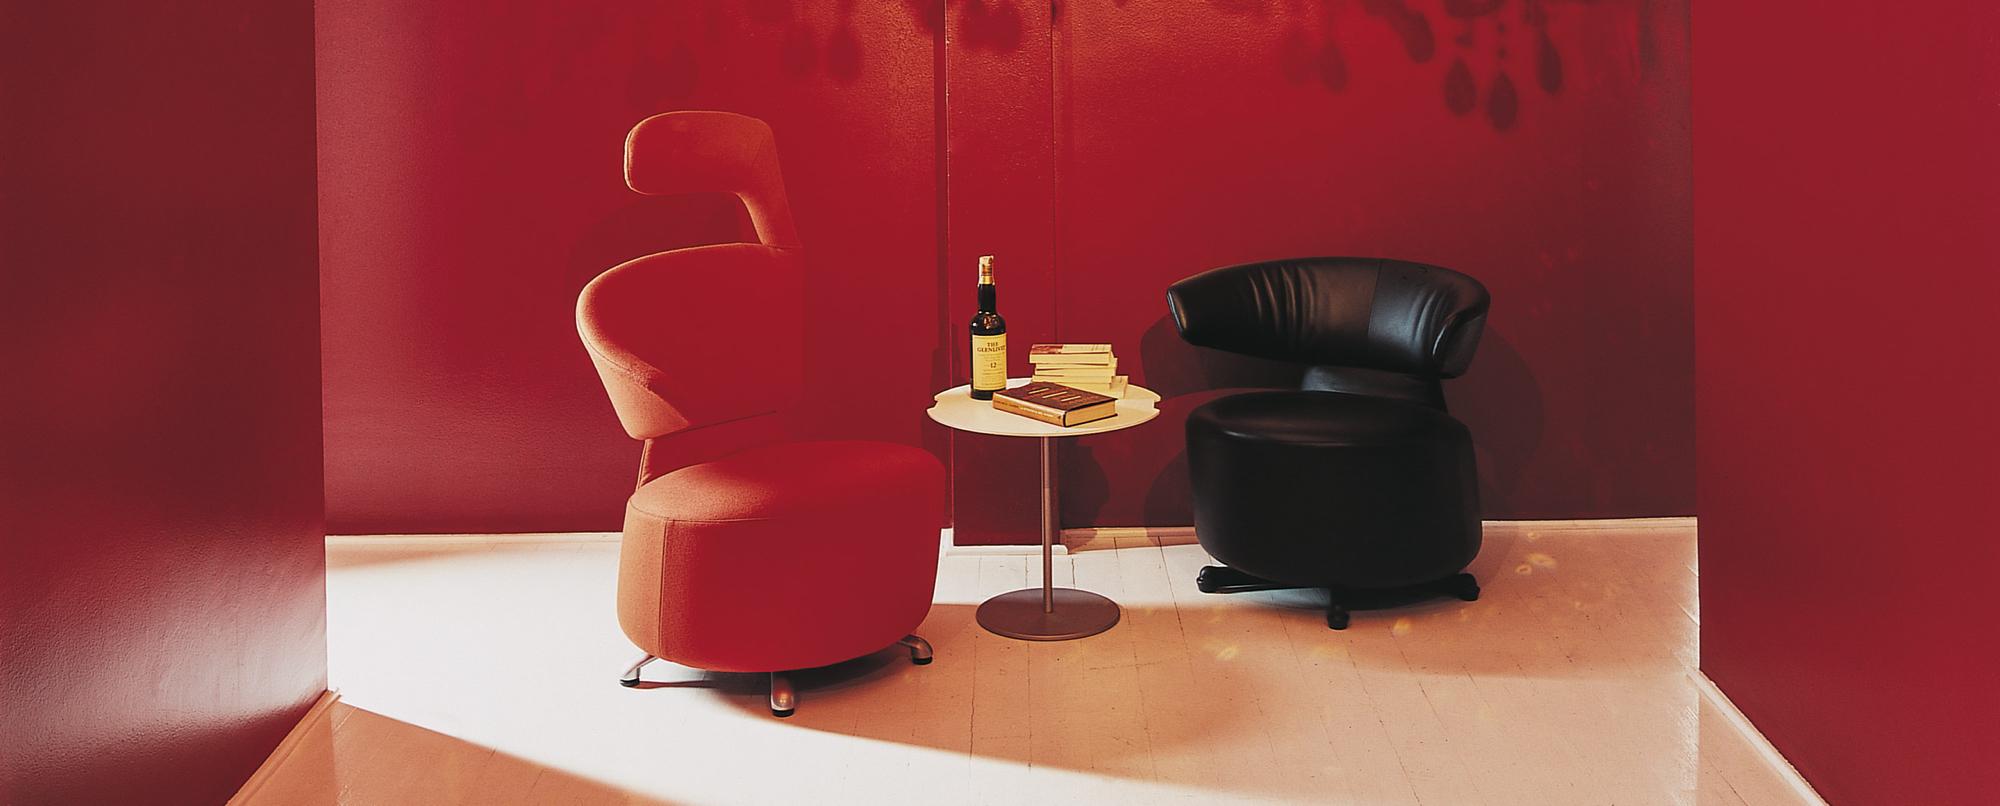 Стулья для офиса, фото модели K06 Aki Biki Canta. Фото 1